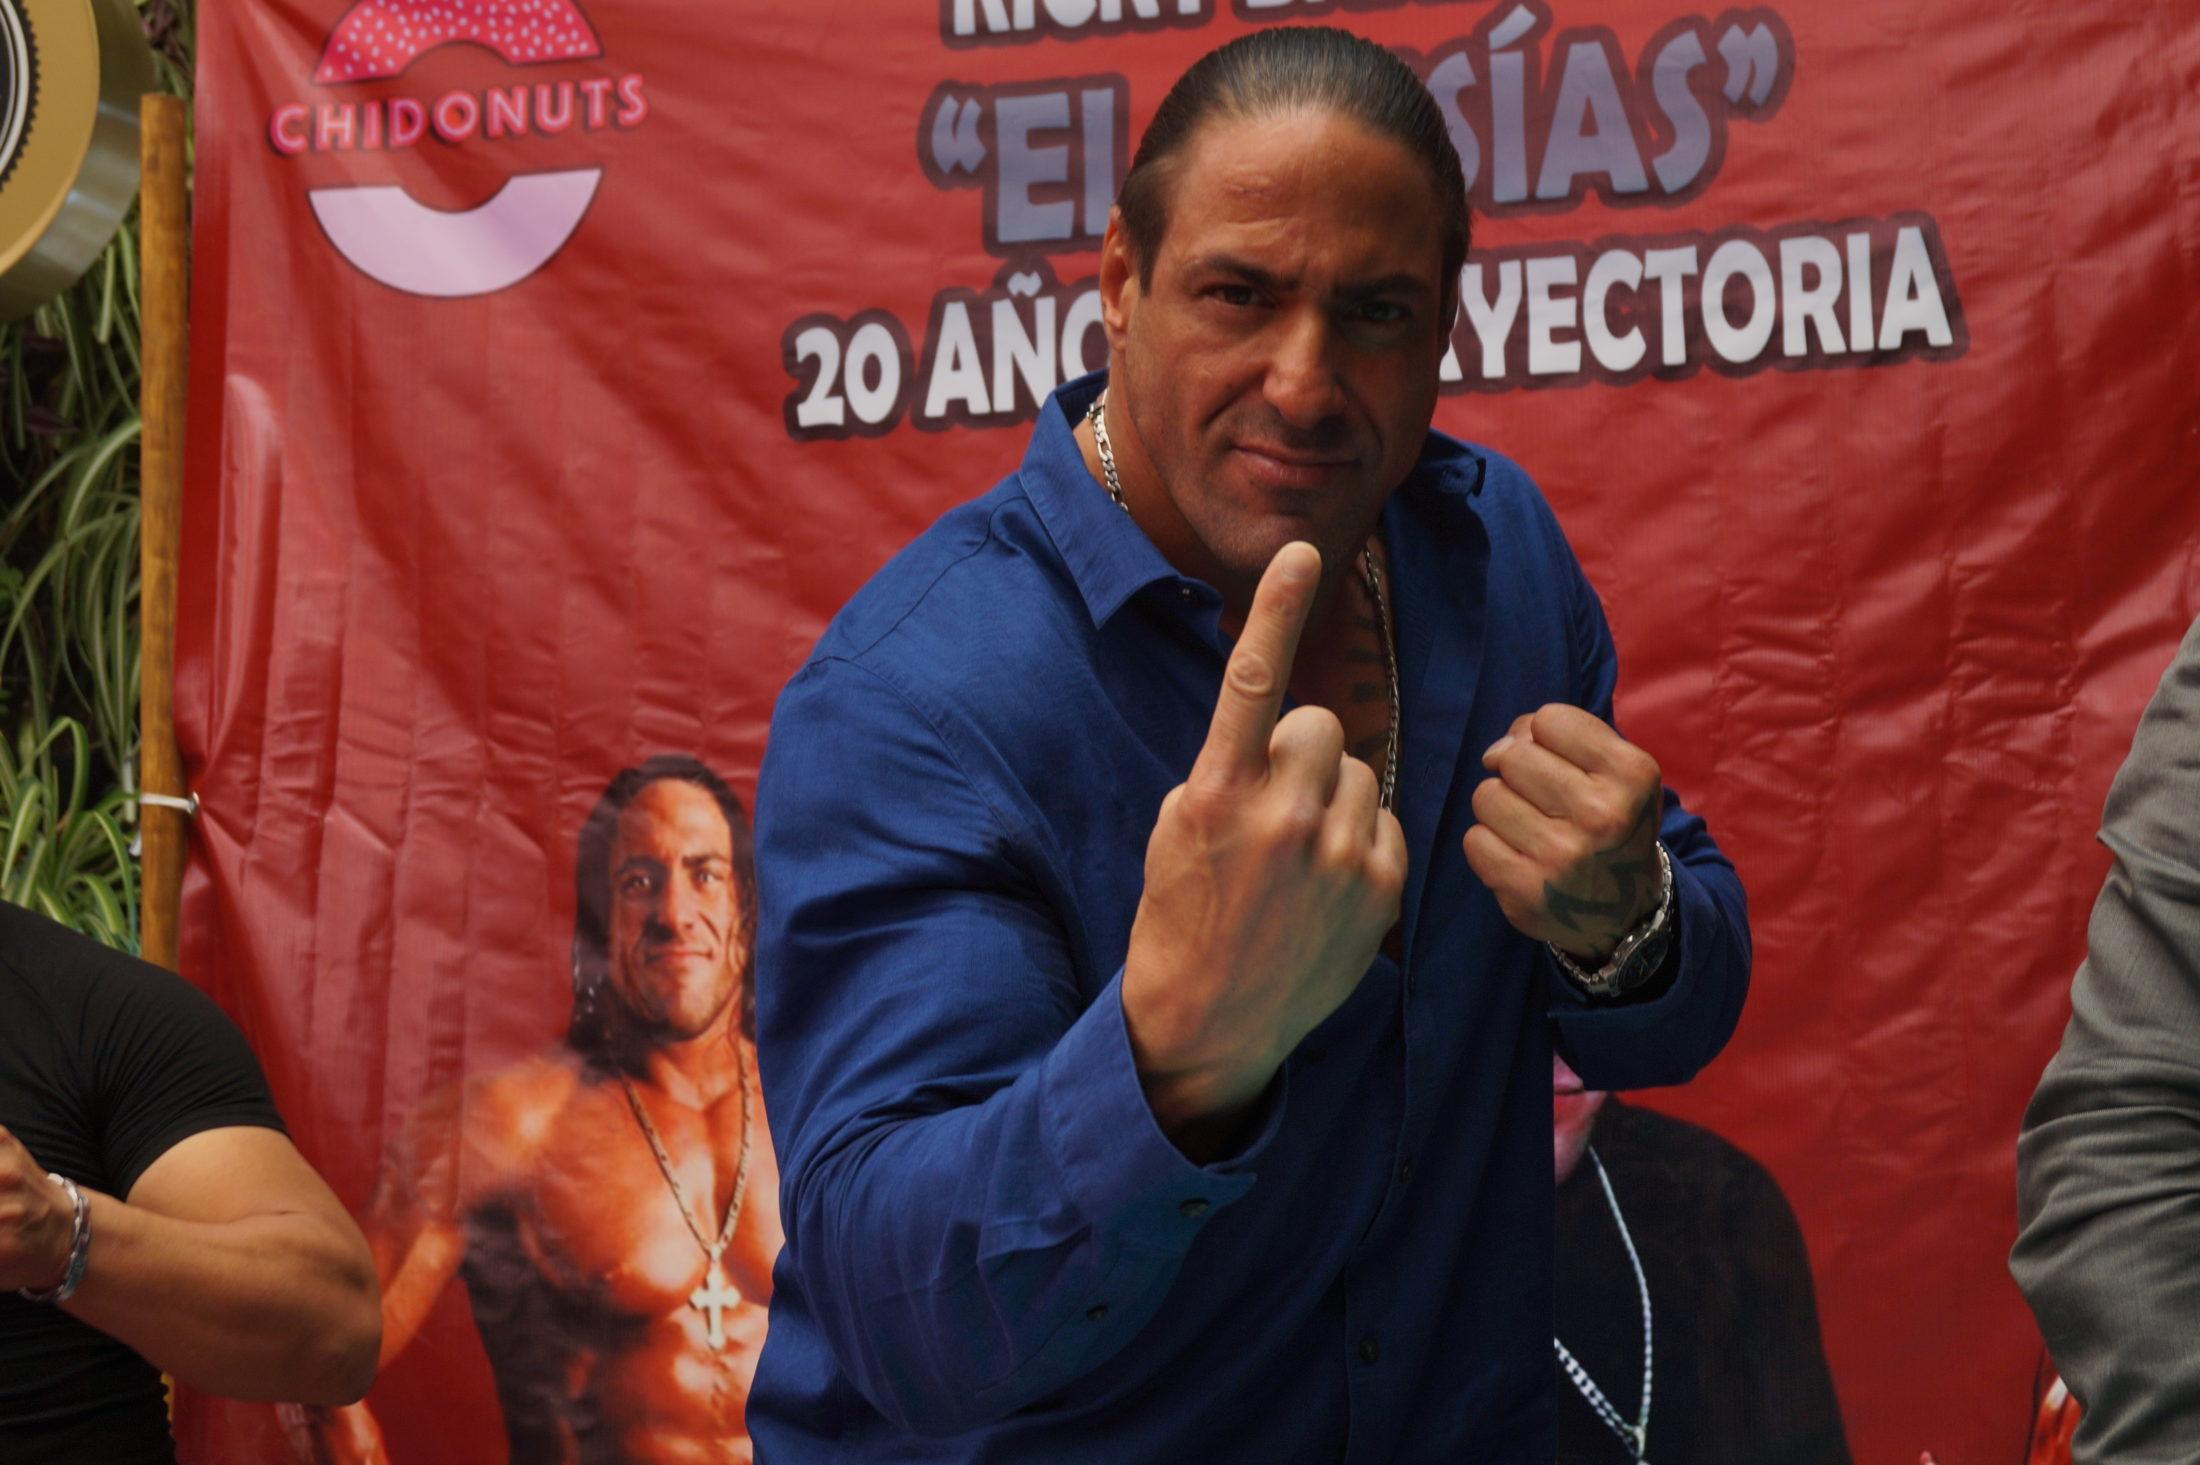 Entrevista: El Mesías habla de AAA, TNA, WWE, Vampiro y mucho más 1